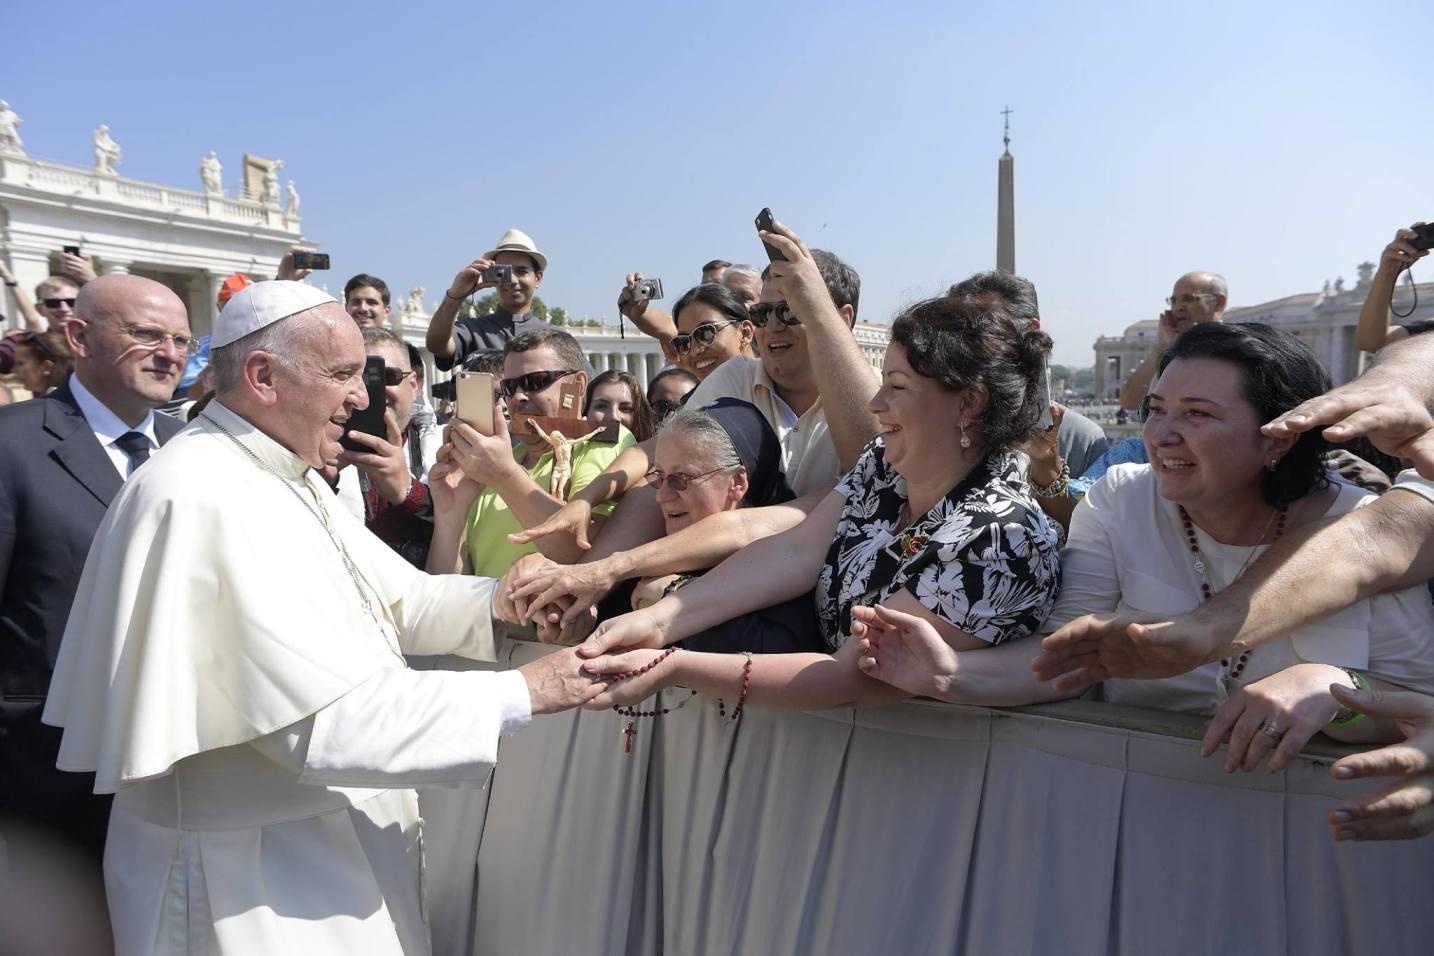 Межъепархиальное паломничество в Рим: на площади Св. Петра 14.09.2016